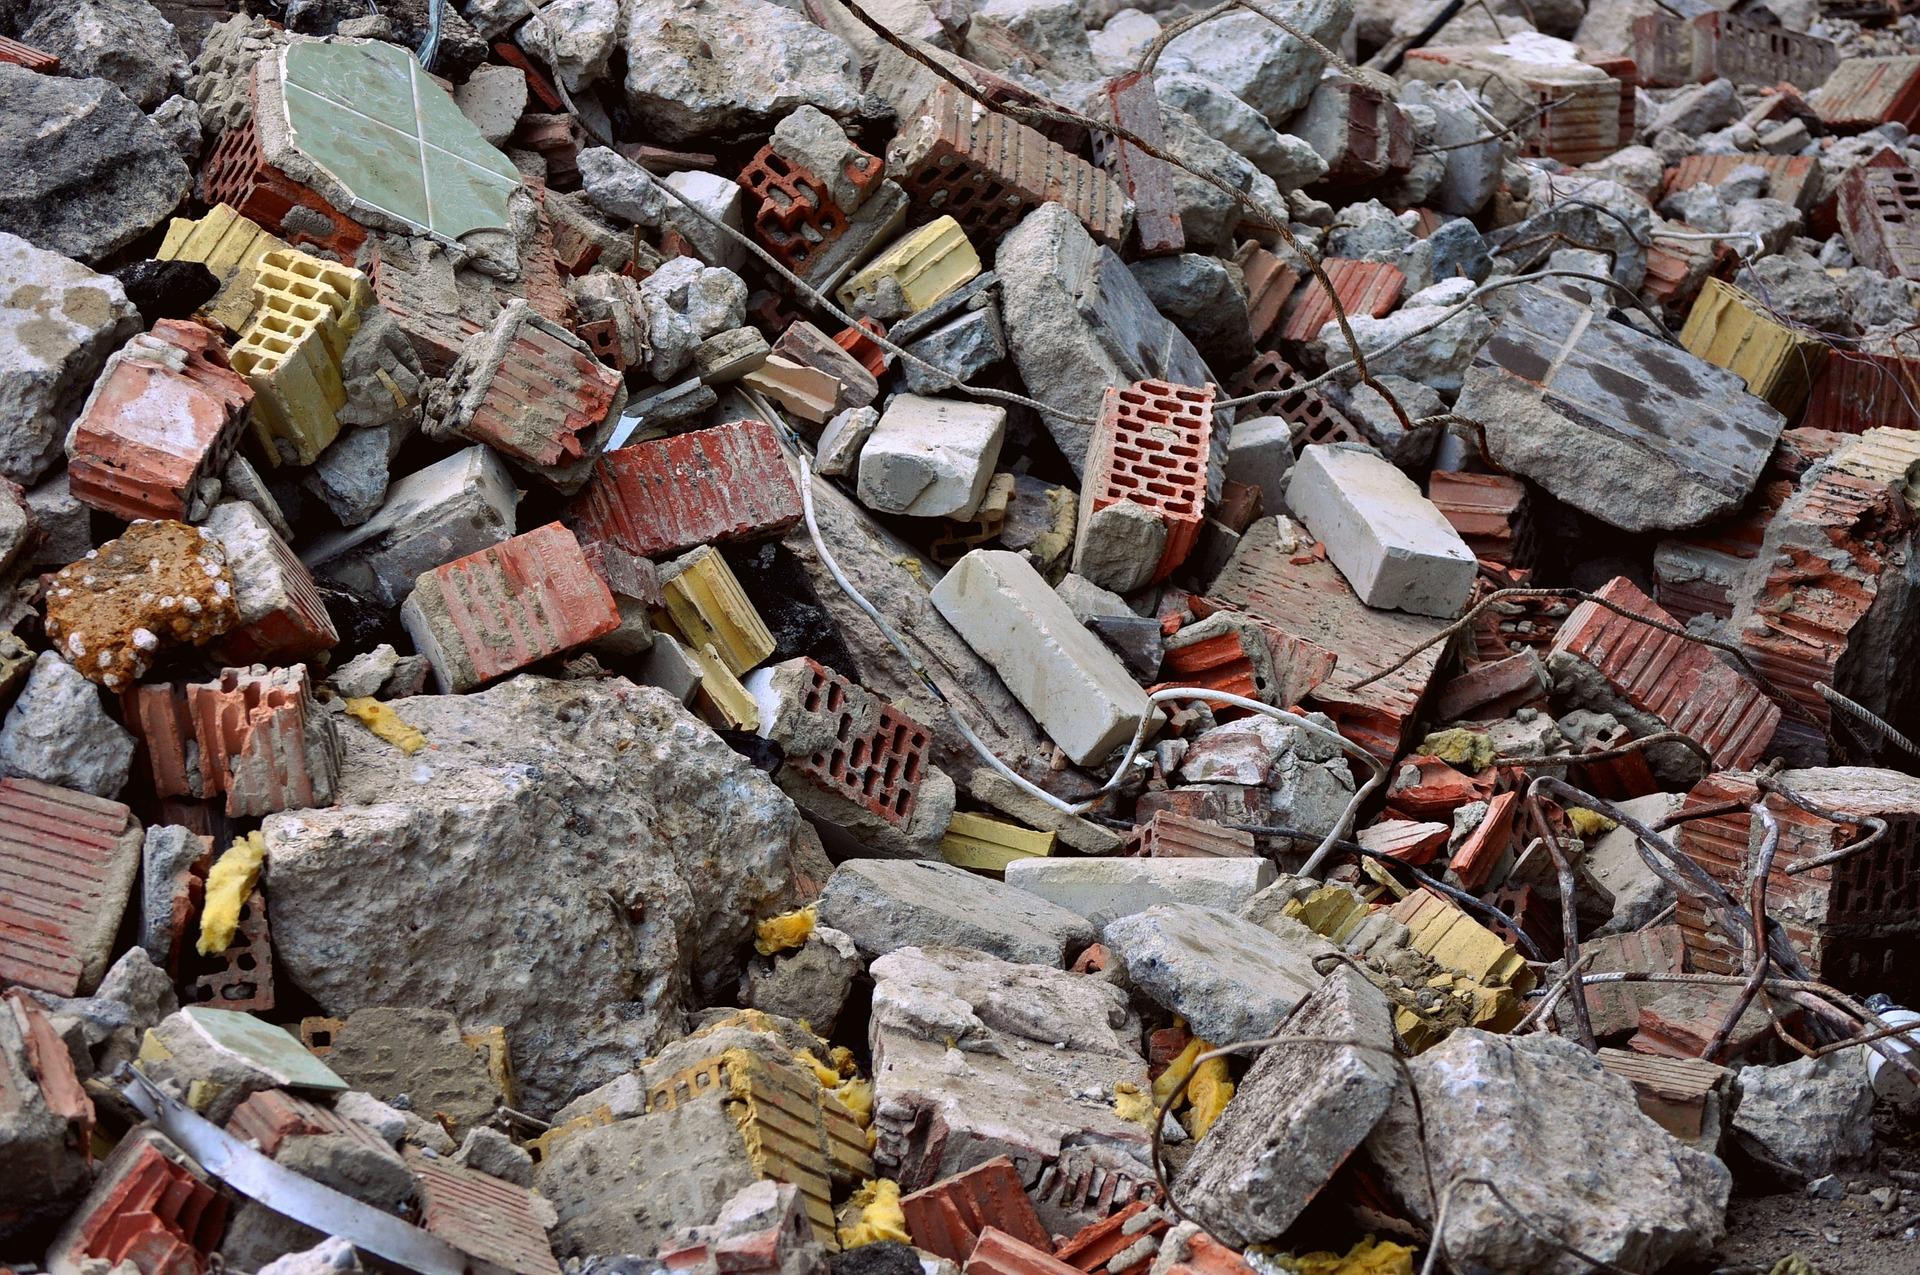 El Síndic investiga los vertederos ilegales de escombros en València